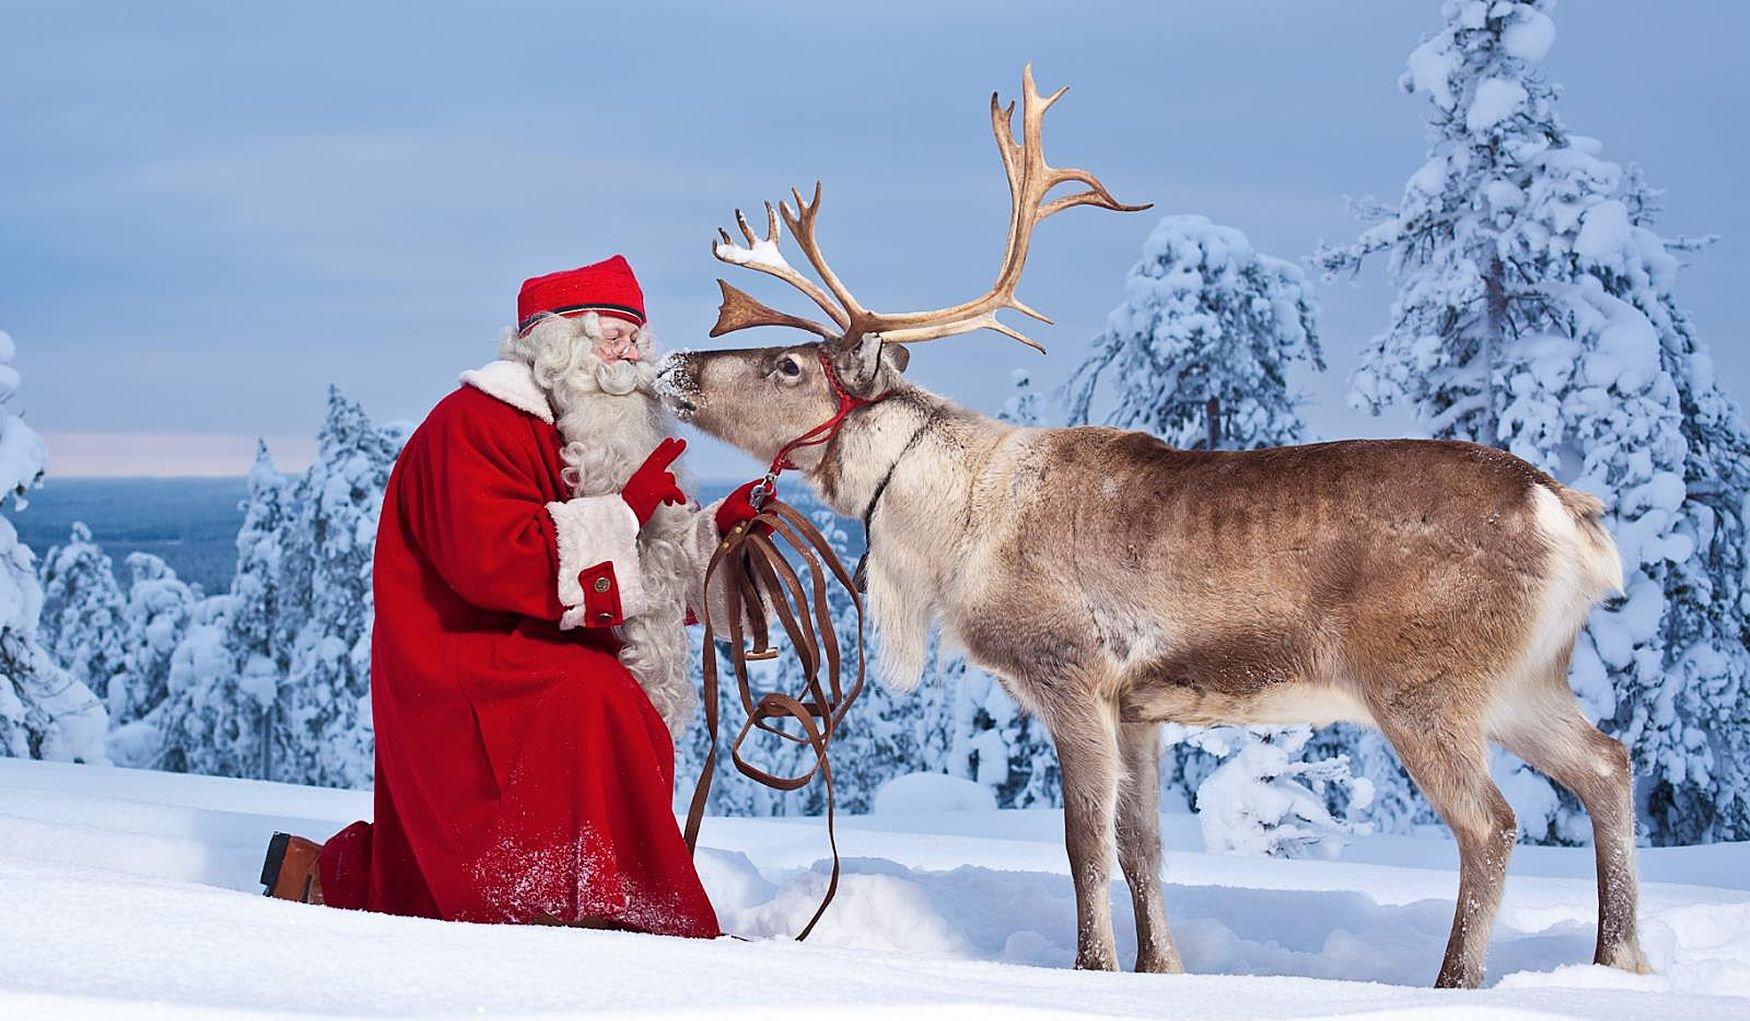 Новый год и Рождество в снежной Финляндии